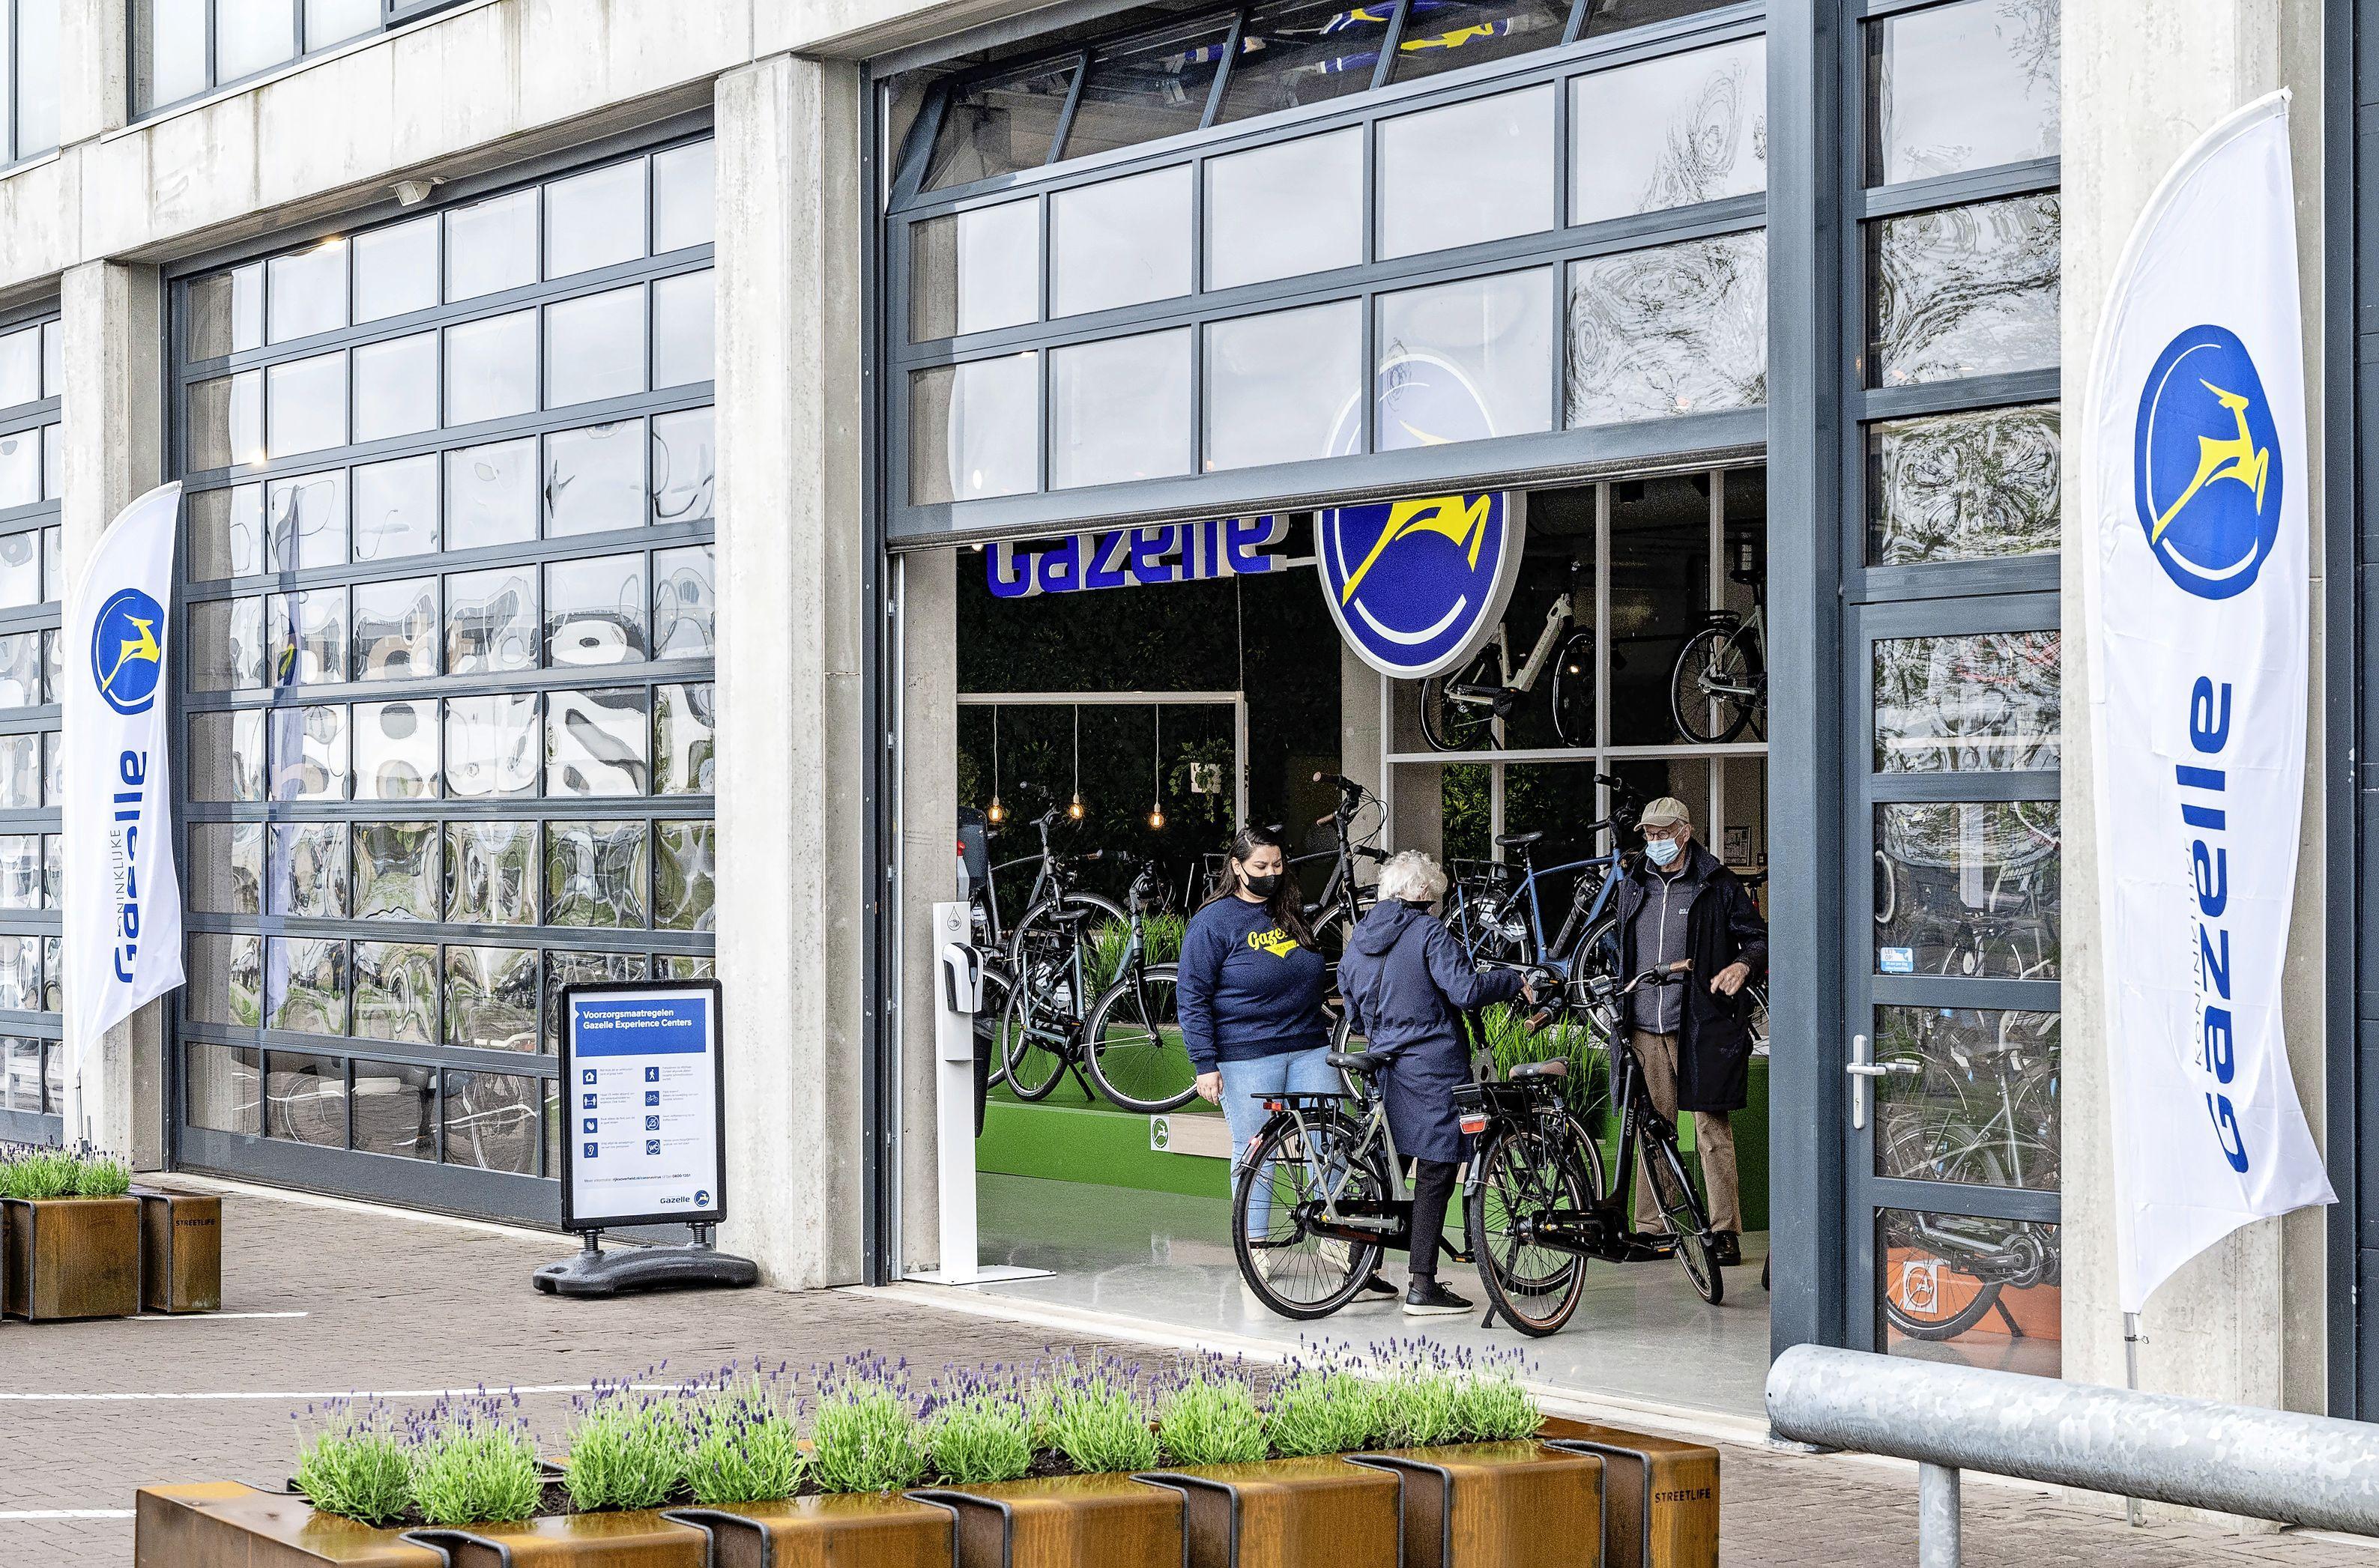 Mag nieuwe Gazelle-vestiging in Waarderpolder blijven? Gemeente Haarlem onderzoekt of Gazelle Experience Center in strijd is met het bestemmingsplan